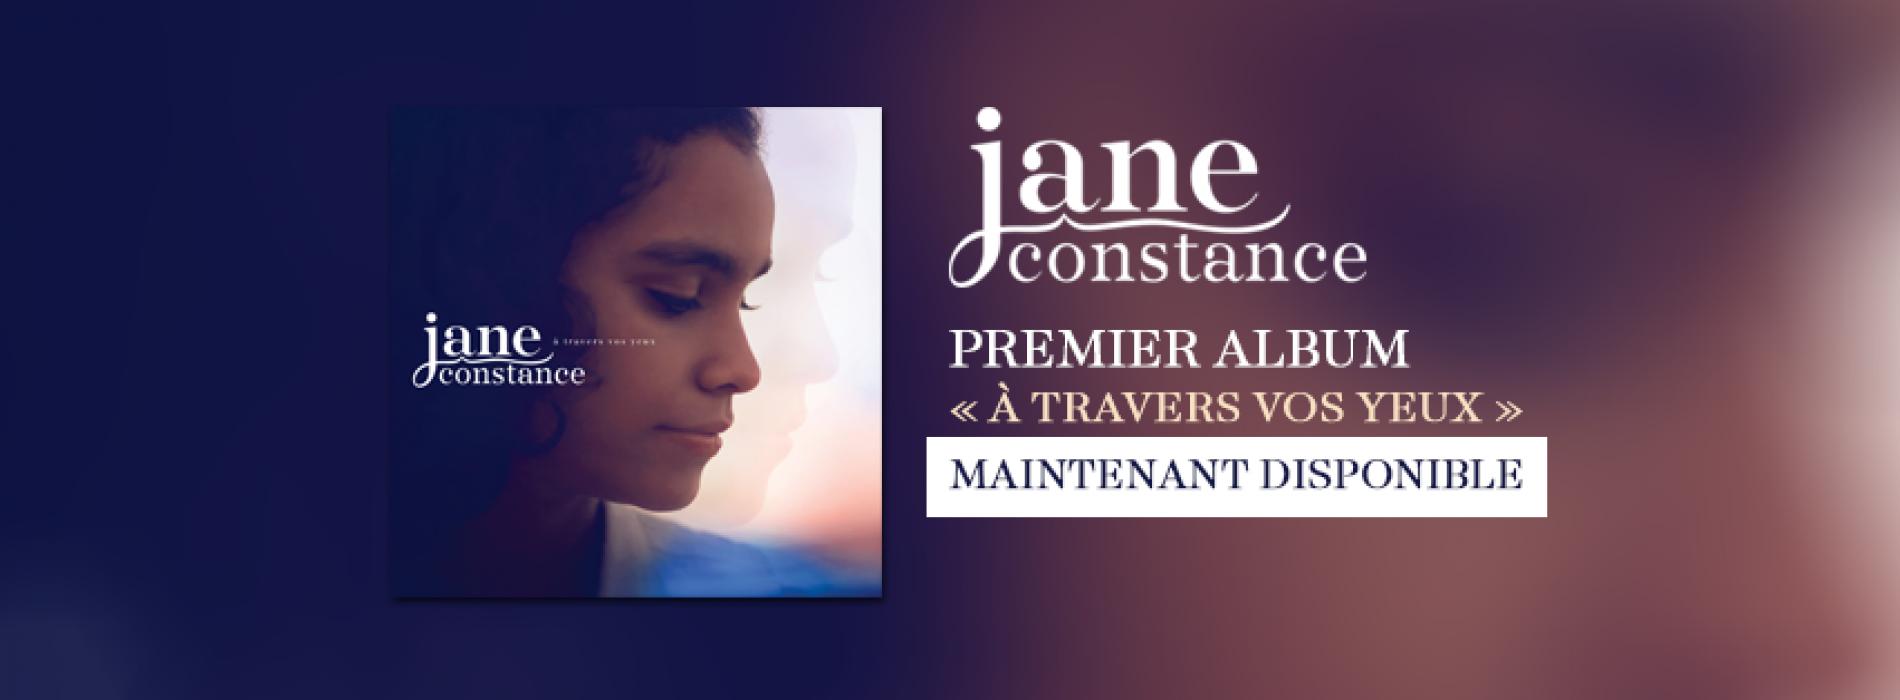 CLK Découverte : Jane Constance, et son premier album «A travers vos yeux» (The Voice Kids 2)